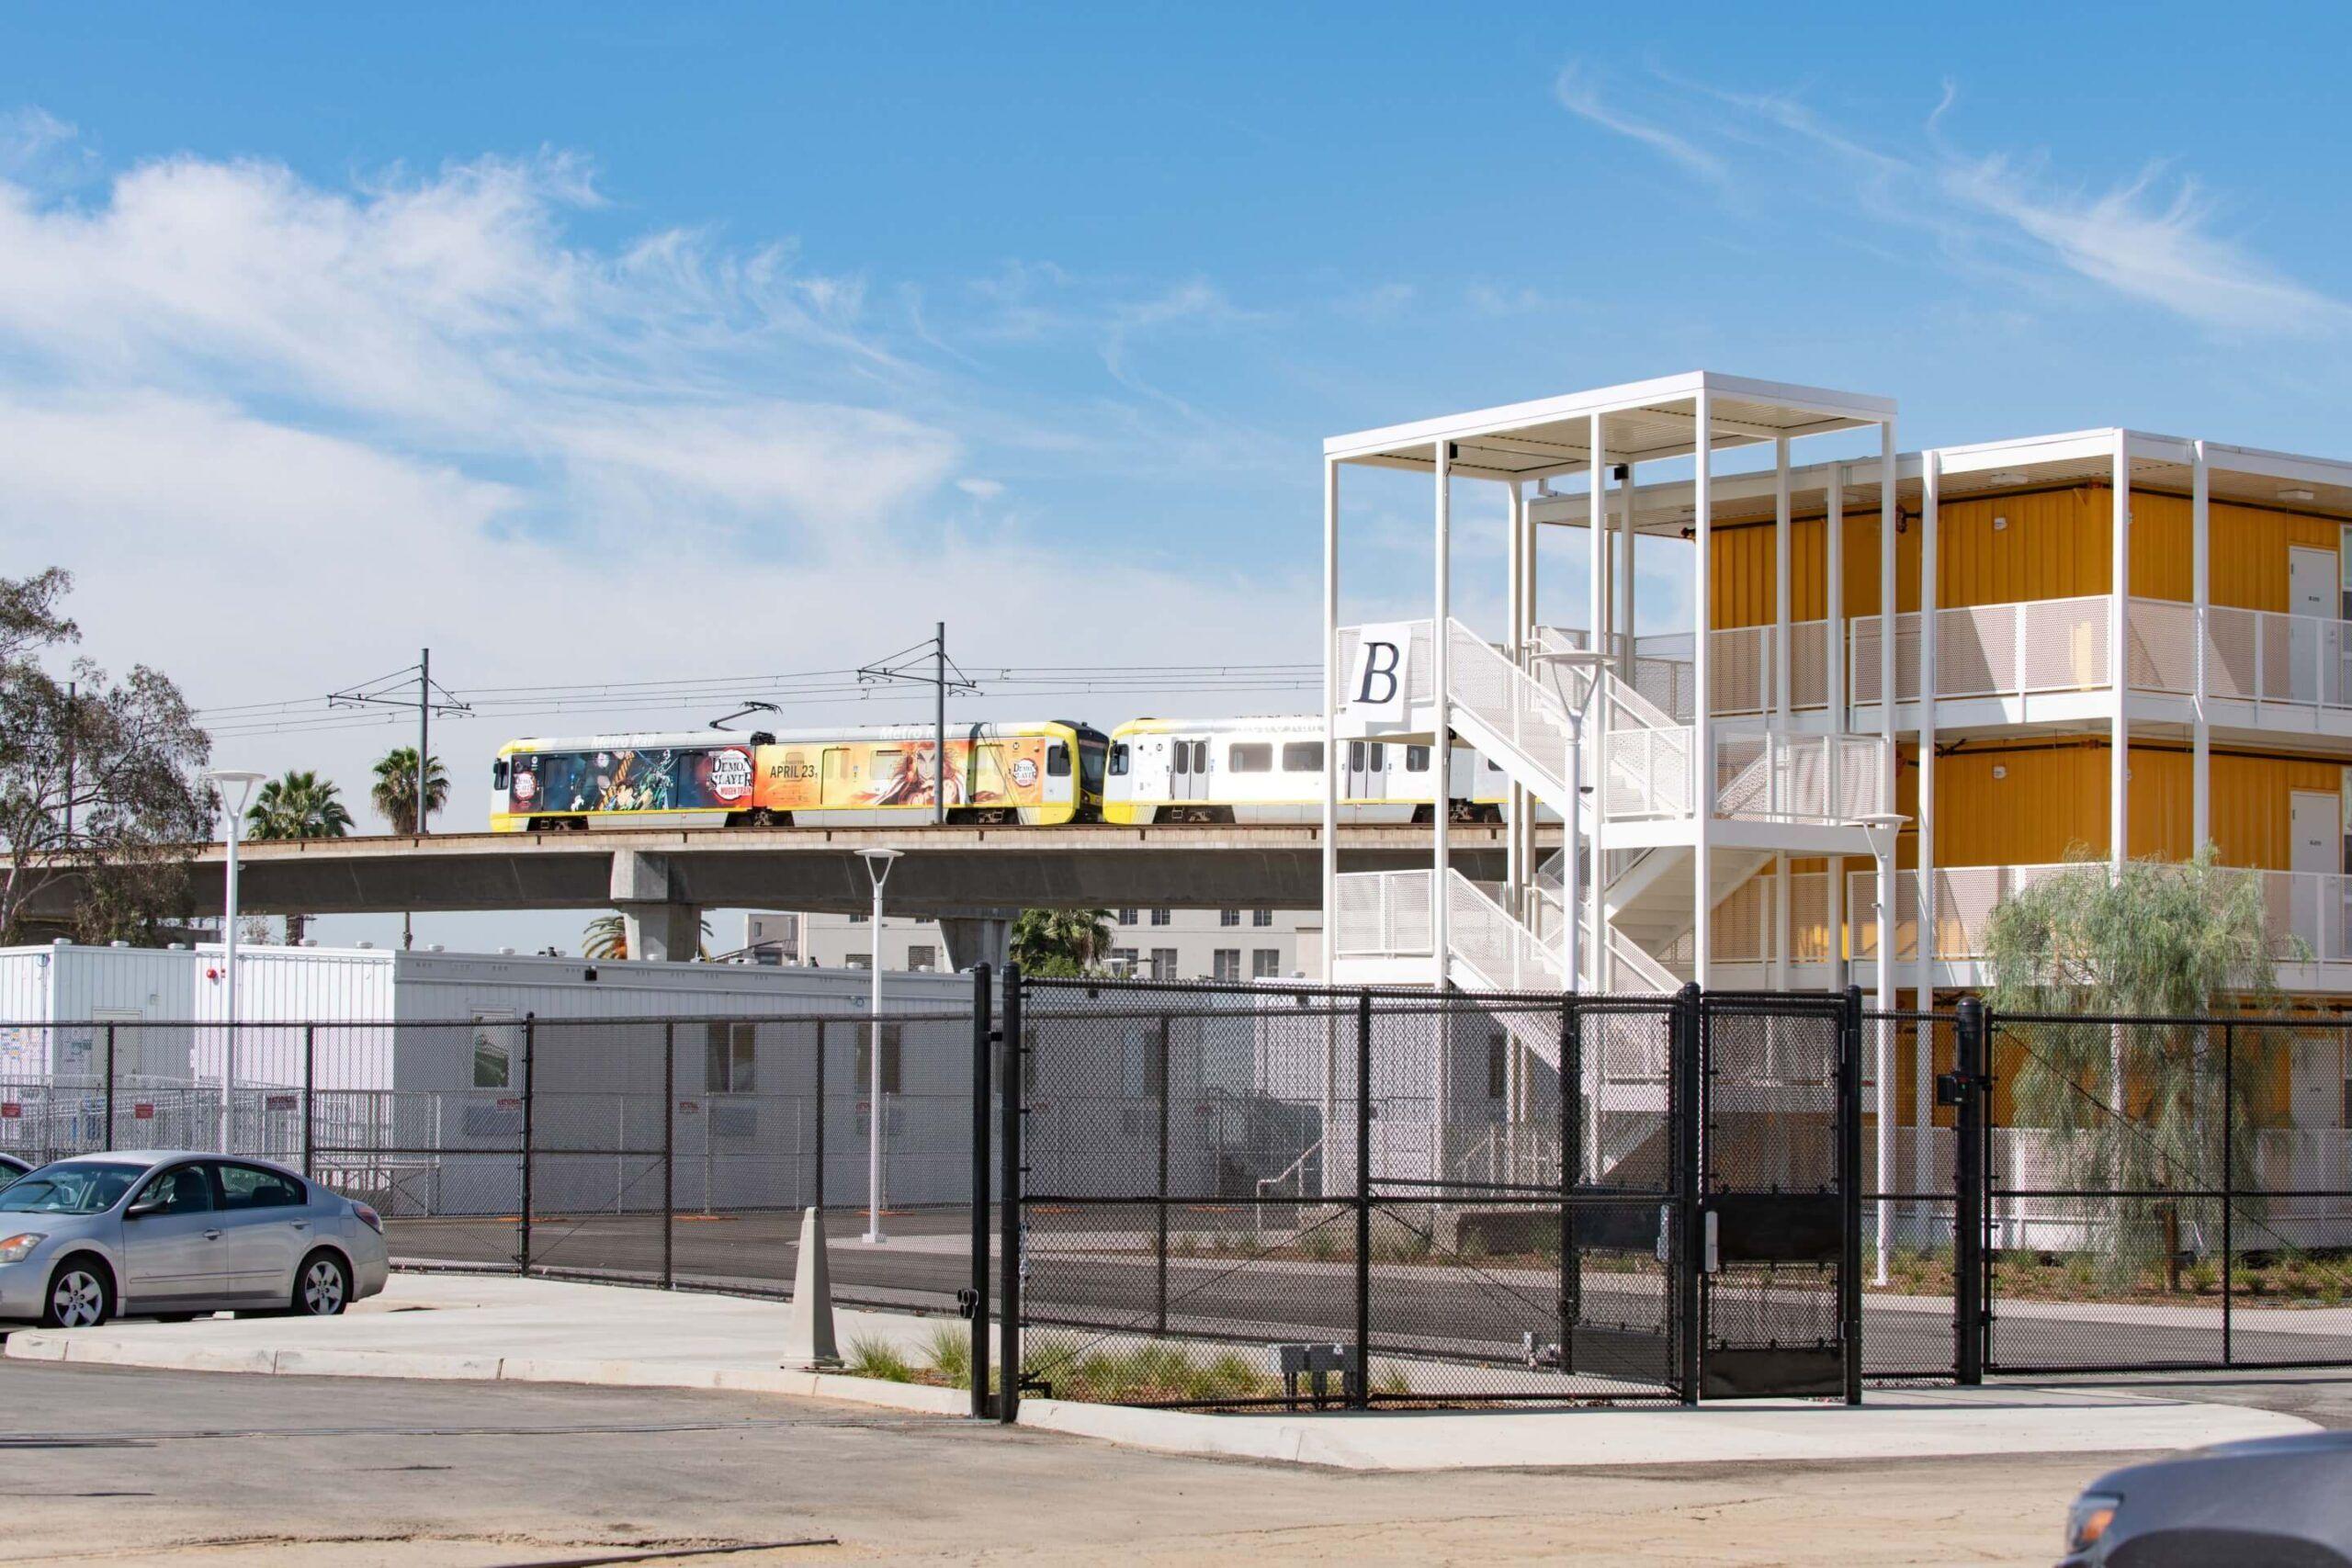 hscfv-nuevo-proyecto-de-viviendas-para-personas-sin-hogar-en-los-angeles-1-alt